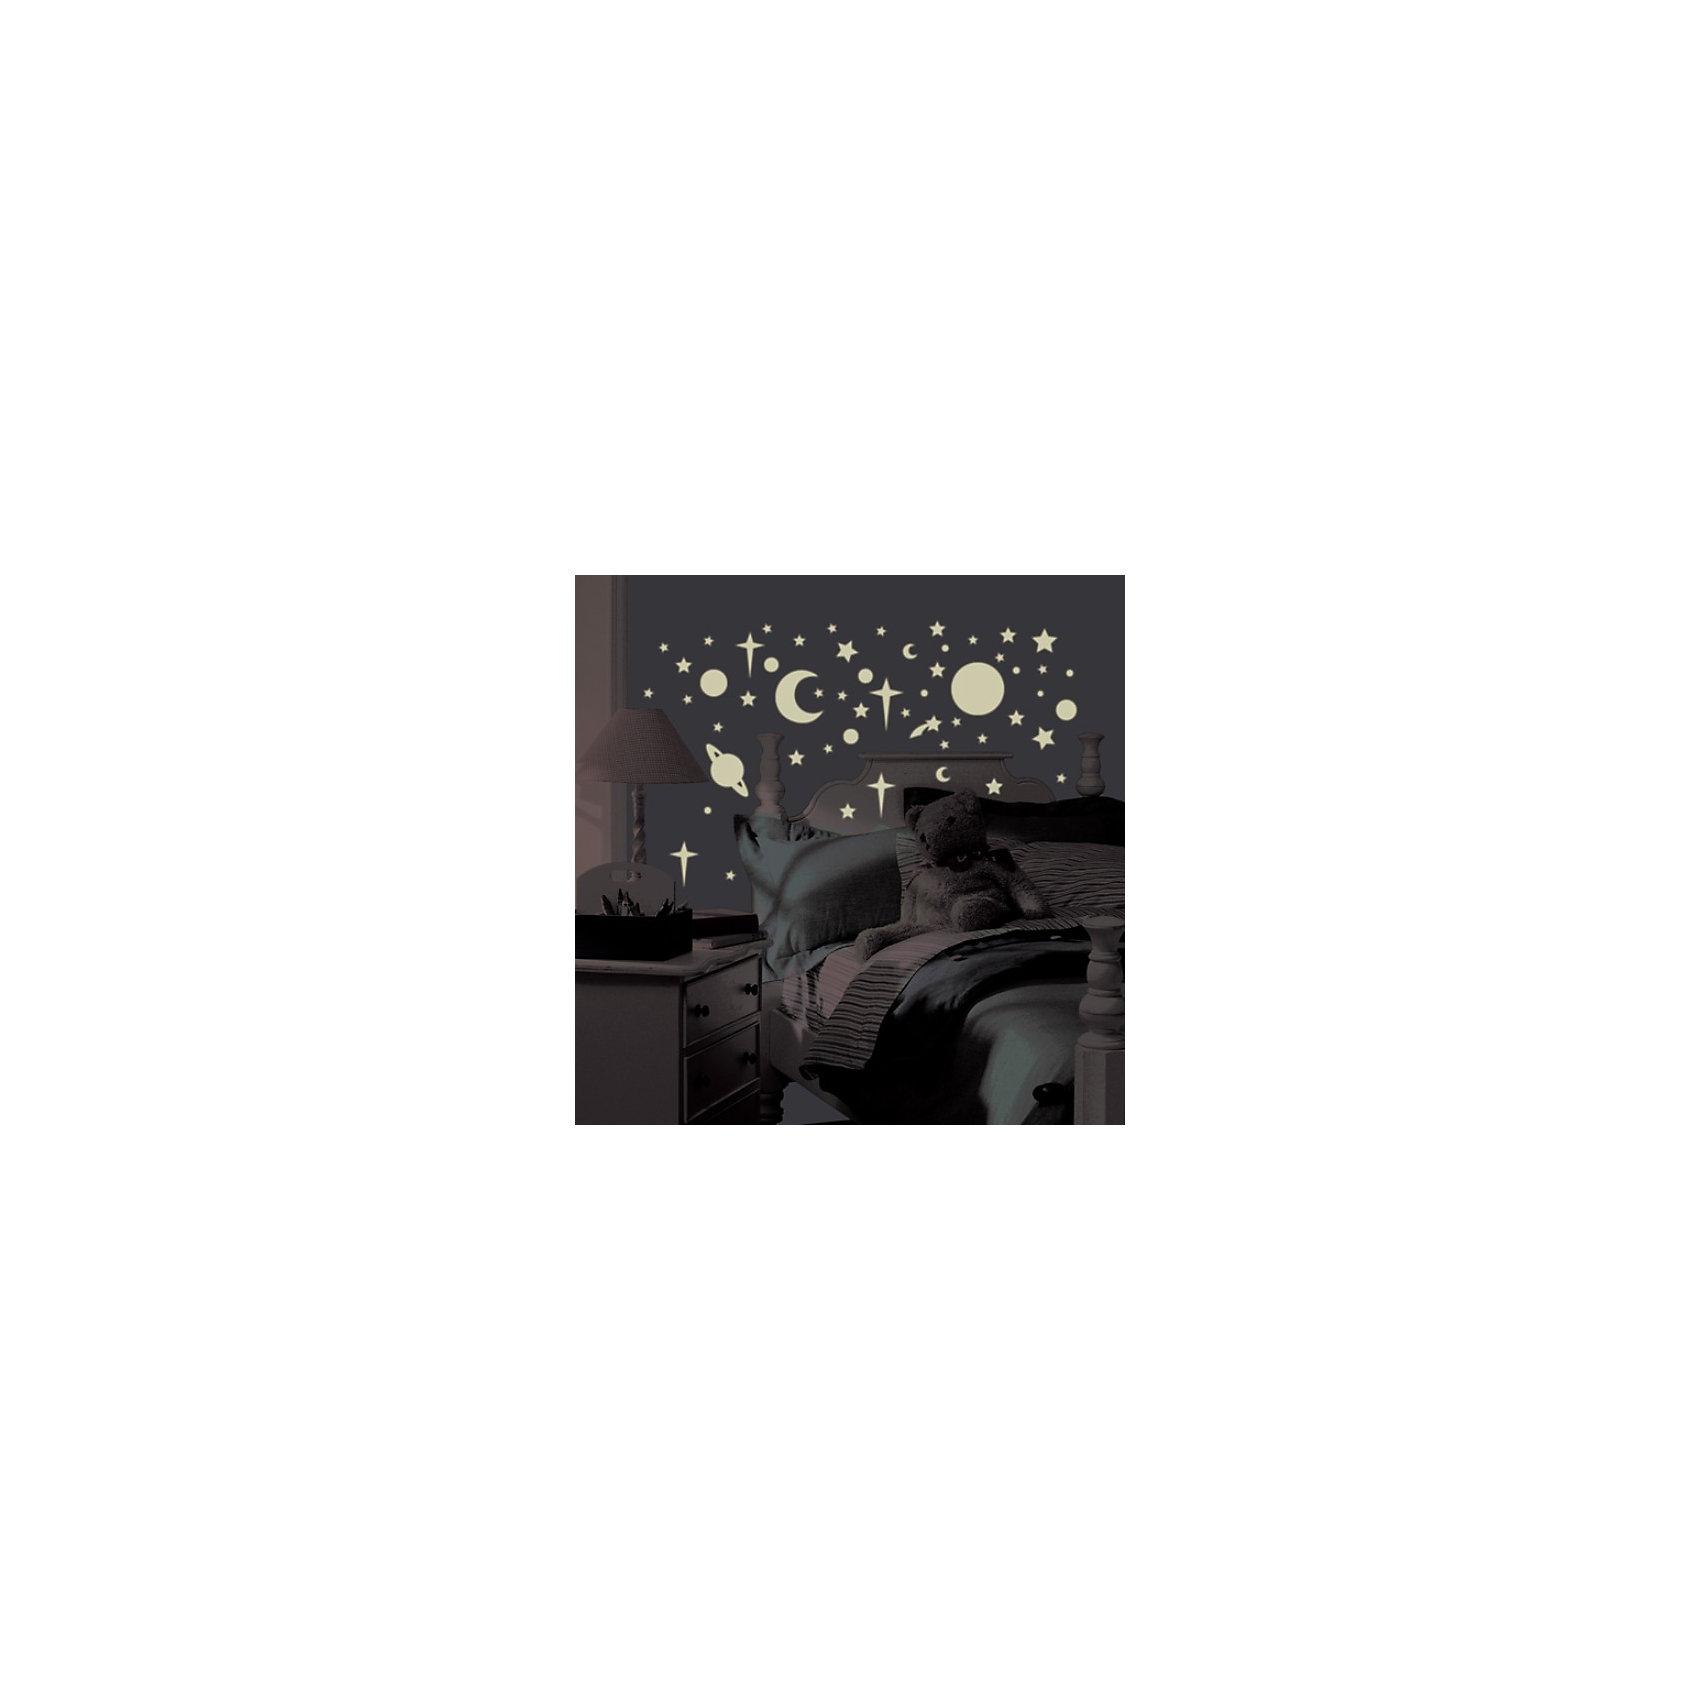 Наклейки для декора Планеты и звёздыПредметы интерьера<br>Наклейки для декора Поднебесная от знаменитого производителя RoomMates станут украшением вашей квартиры! Придайте комнате оригинальный и элегантный вид с новым набором наклеек для декора, который светится в темноте! Пожалуйста, обратите внимание на то, что для достижения эффекта свечения наклейки должны побыть под воздействием прямого солнечного света! Наклейки, входящие в набор, изображают небесные элементы, от самых крупных до самых мелких. Наклейки светятся в темноте мягким светом! Всего в наборе 258 стикеров. Наклейки не нужно вырезать - их следует просто отсоединить от защитного слоя и поместить на стену или любую другую плоскую гладкую поверхность. Наклейки многоразовые: их легко переклеивать и снимать со стены, они не оставляют липких следов на поверхности. В каждой индивидуальной упаковке Вы можете найти 4 листа с различными наклейками! Таким образом, покупая наклейки фирмы RoomMates, Вы получаете гораздо больший ассортимент наклеек, имея возможность украсить ими различные поверхности в доме.<br><br>Ширина мм: 266<br>Глубина мм: 129<br>Высота мм: 27<br>Вес г: 176<br>Цвет: белый<br>Возраст от месяцев: 0<br>Возраст до месяцев: 144<br>Пол: Мужской<br>Возраст: Детский<br>SKU: 1780818